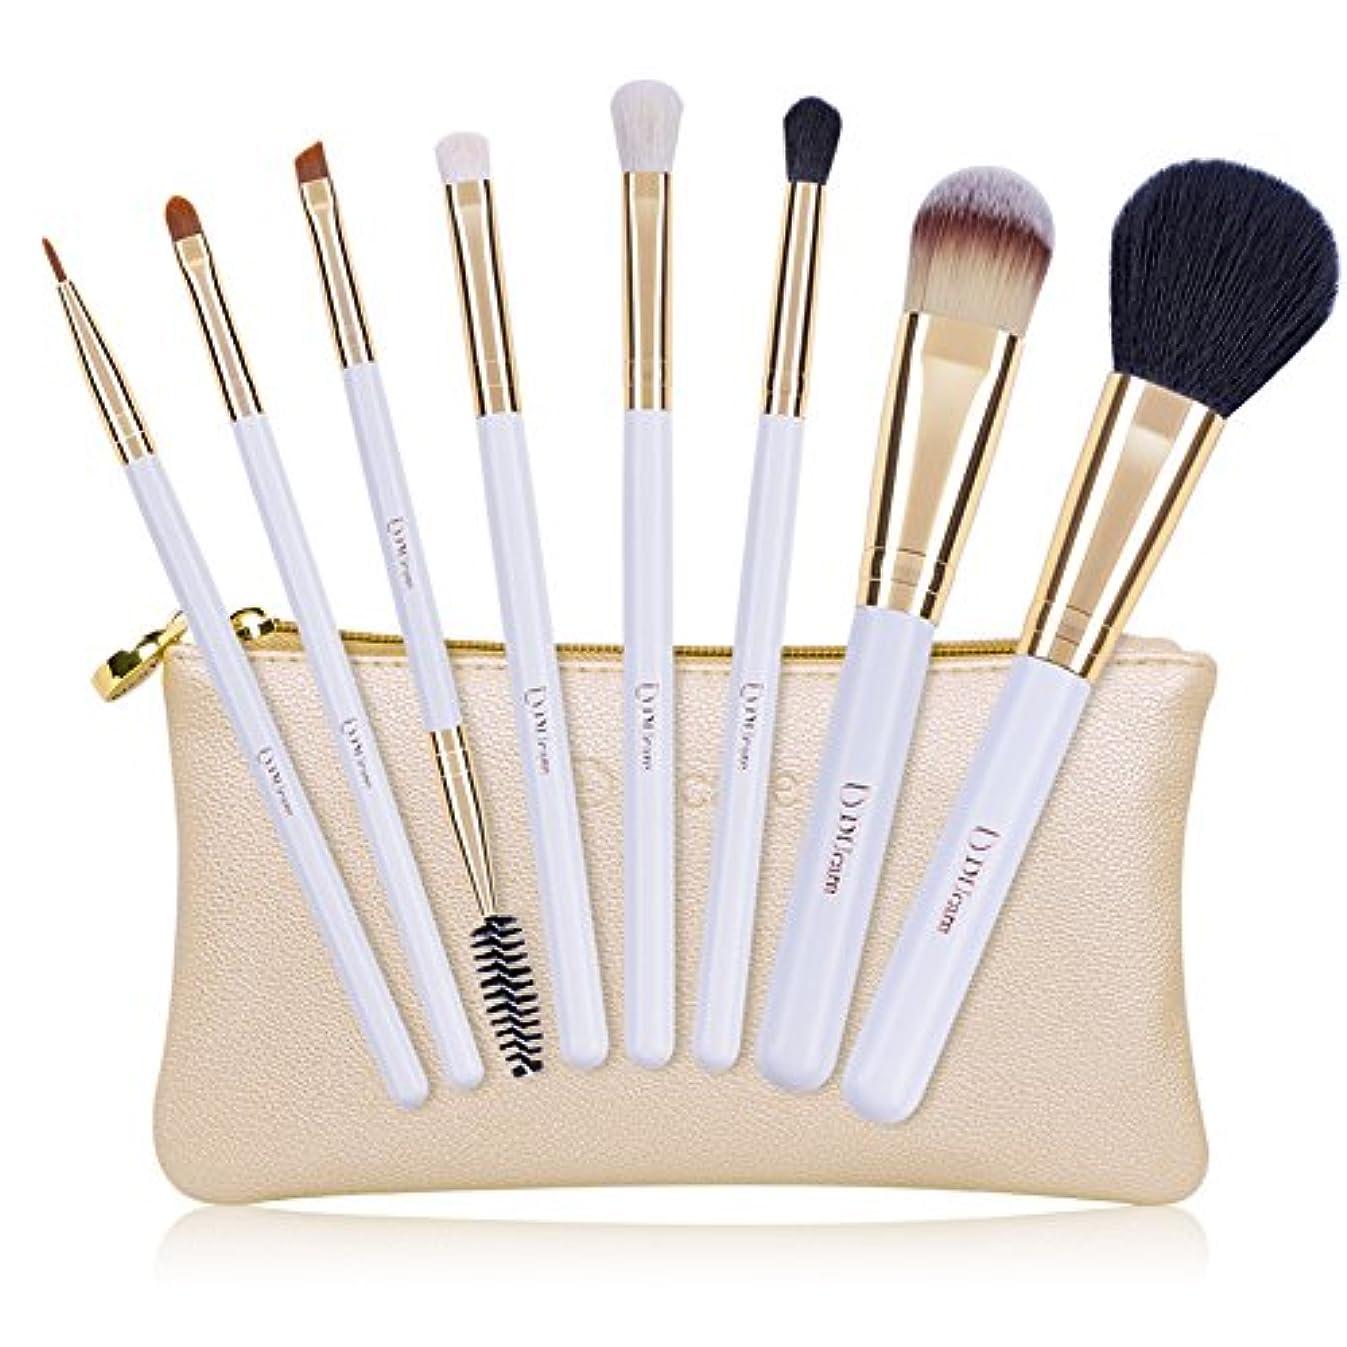 花弁領収書凝縮するドゥケア(DUcare) 化粧筆 メイクブラシ 8本セット 白尖峰&高級タクロン使用 ゴールドのレザー風化粧ポーチ付き